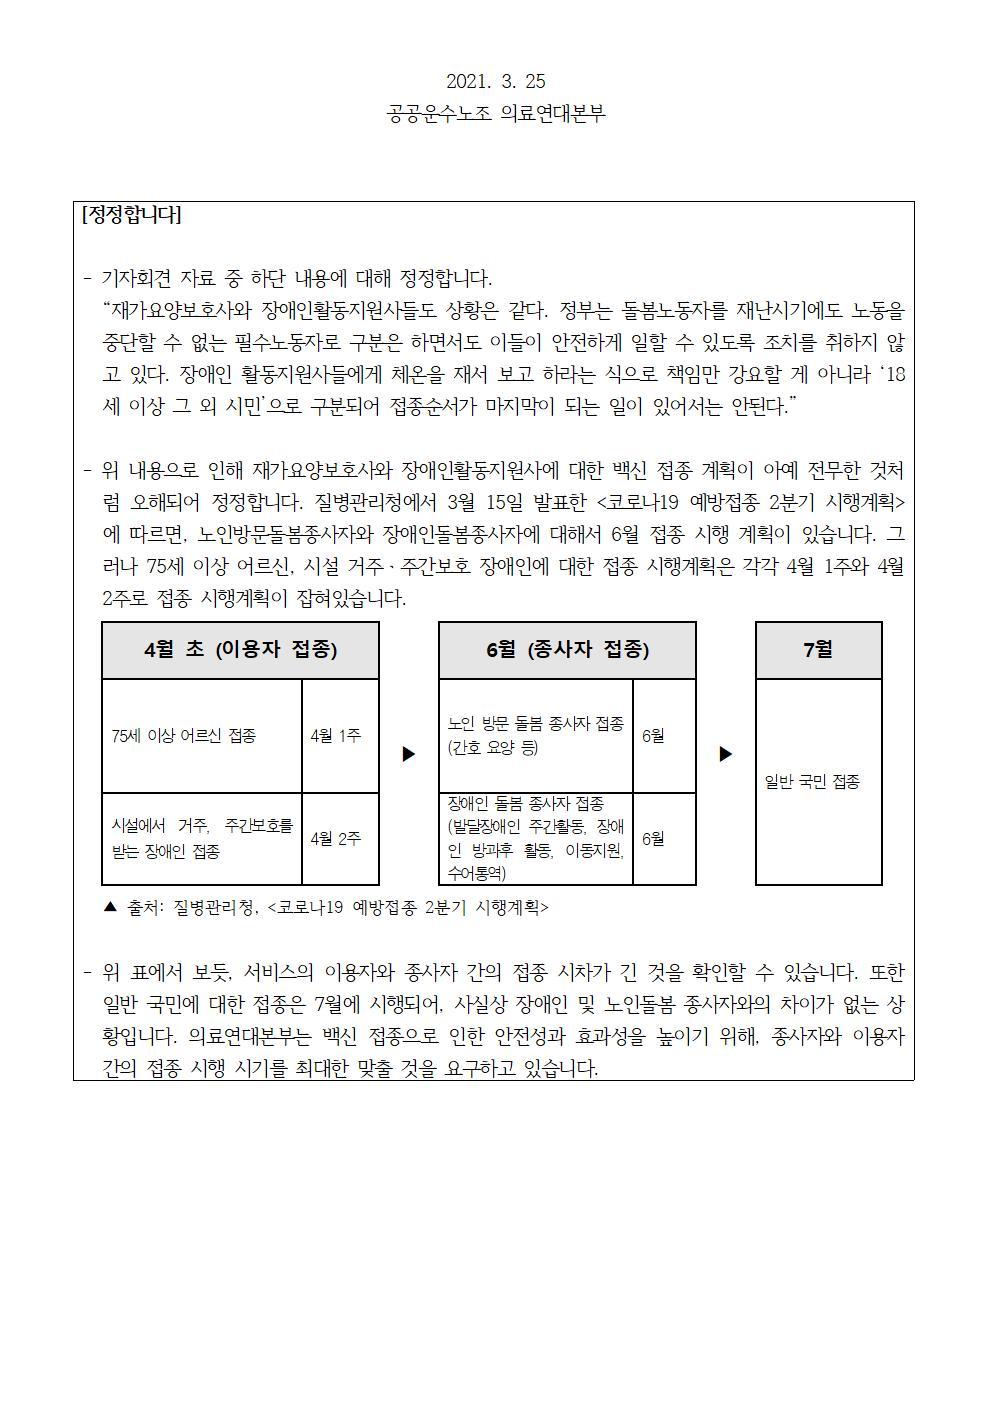 210325_보도자료_백신관련 (3)003.jpg